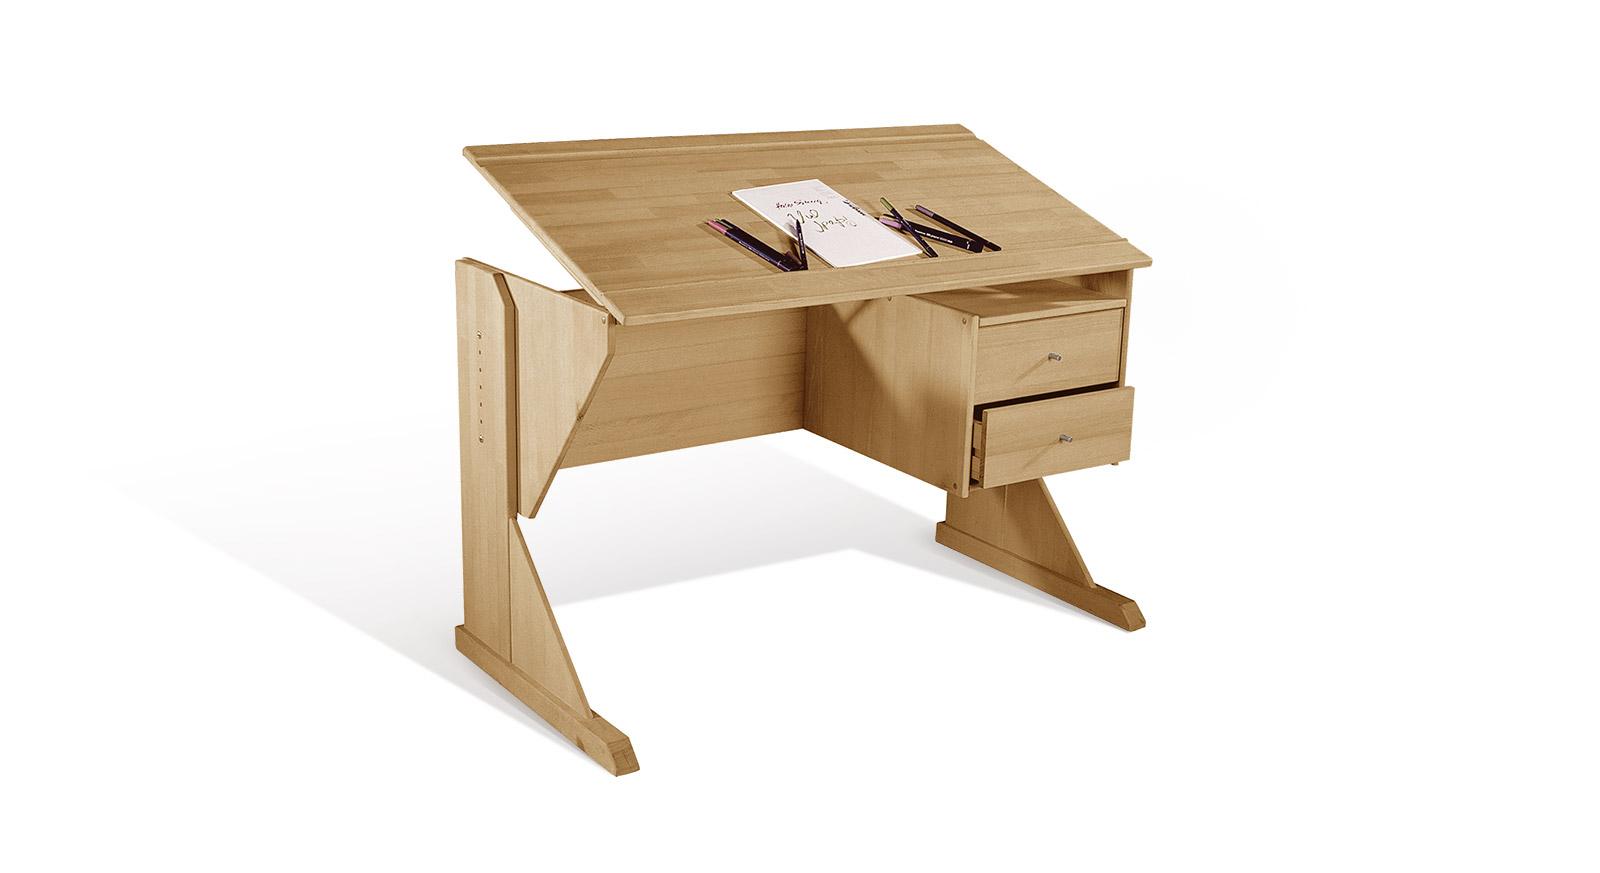 Schreibtisch aus buche h henverstellbar kippbar kids for Buchenholz schreibtisch